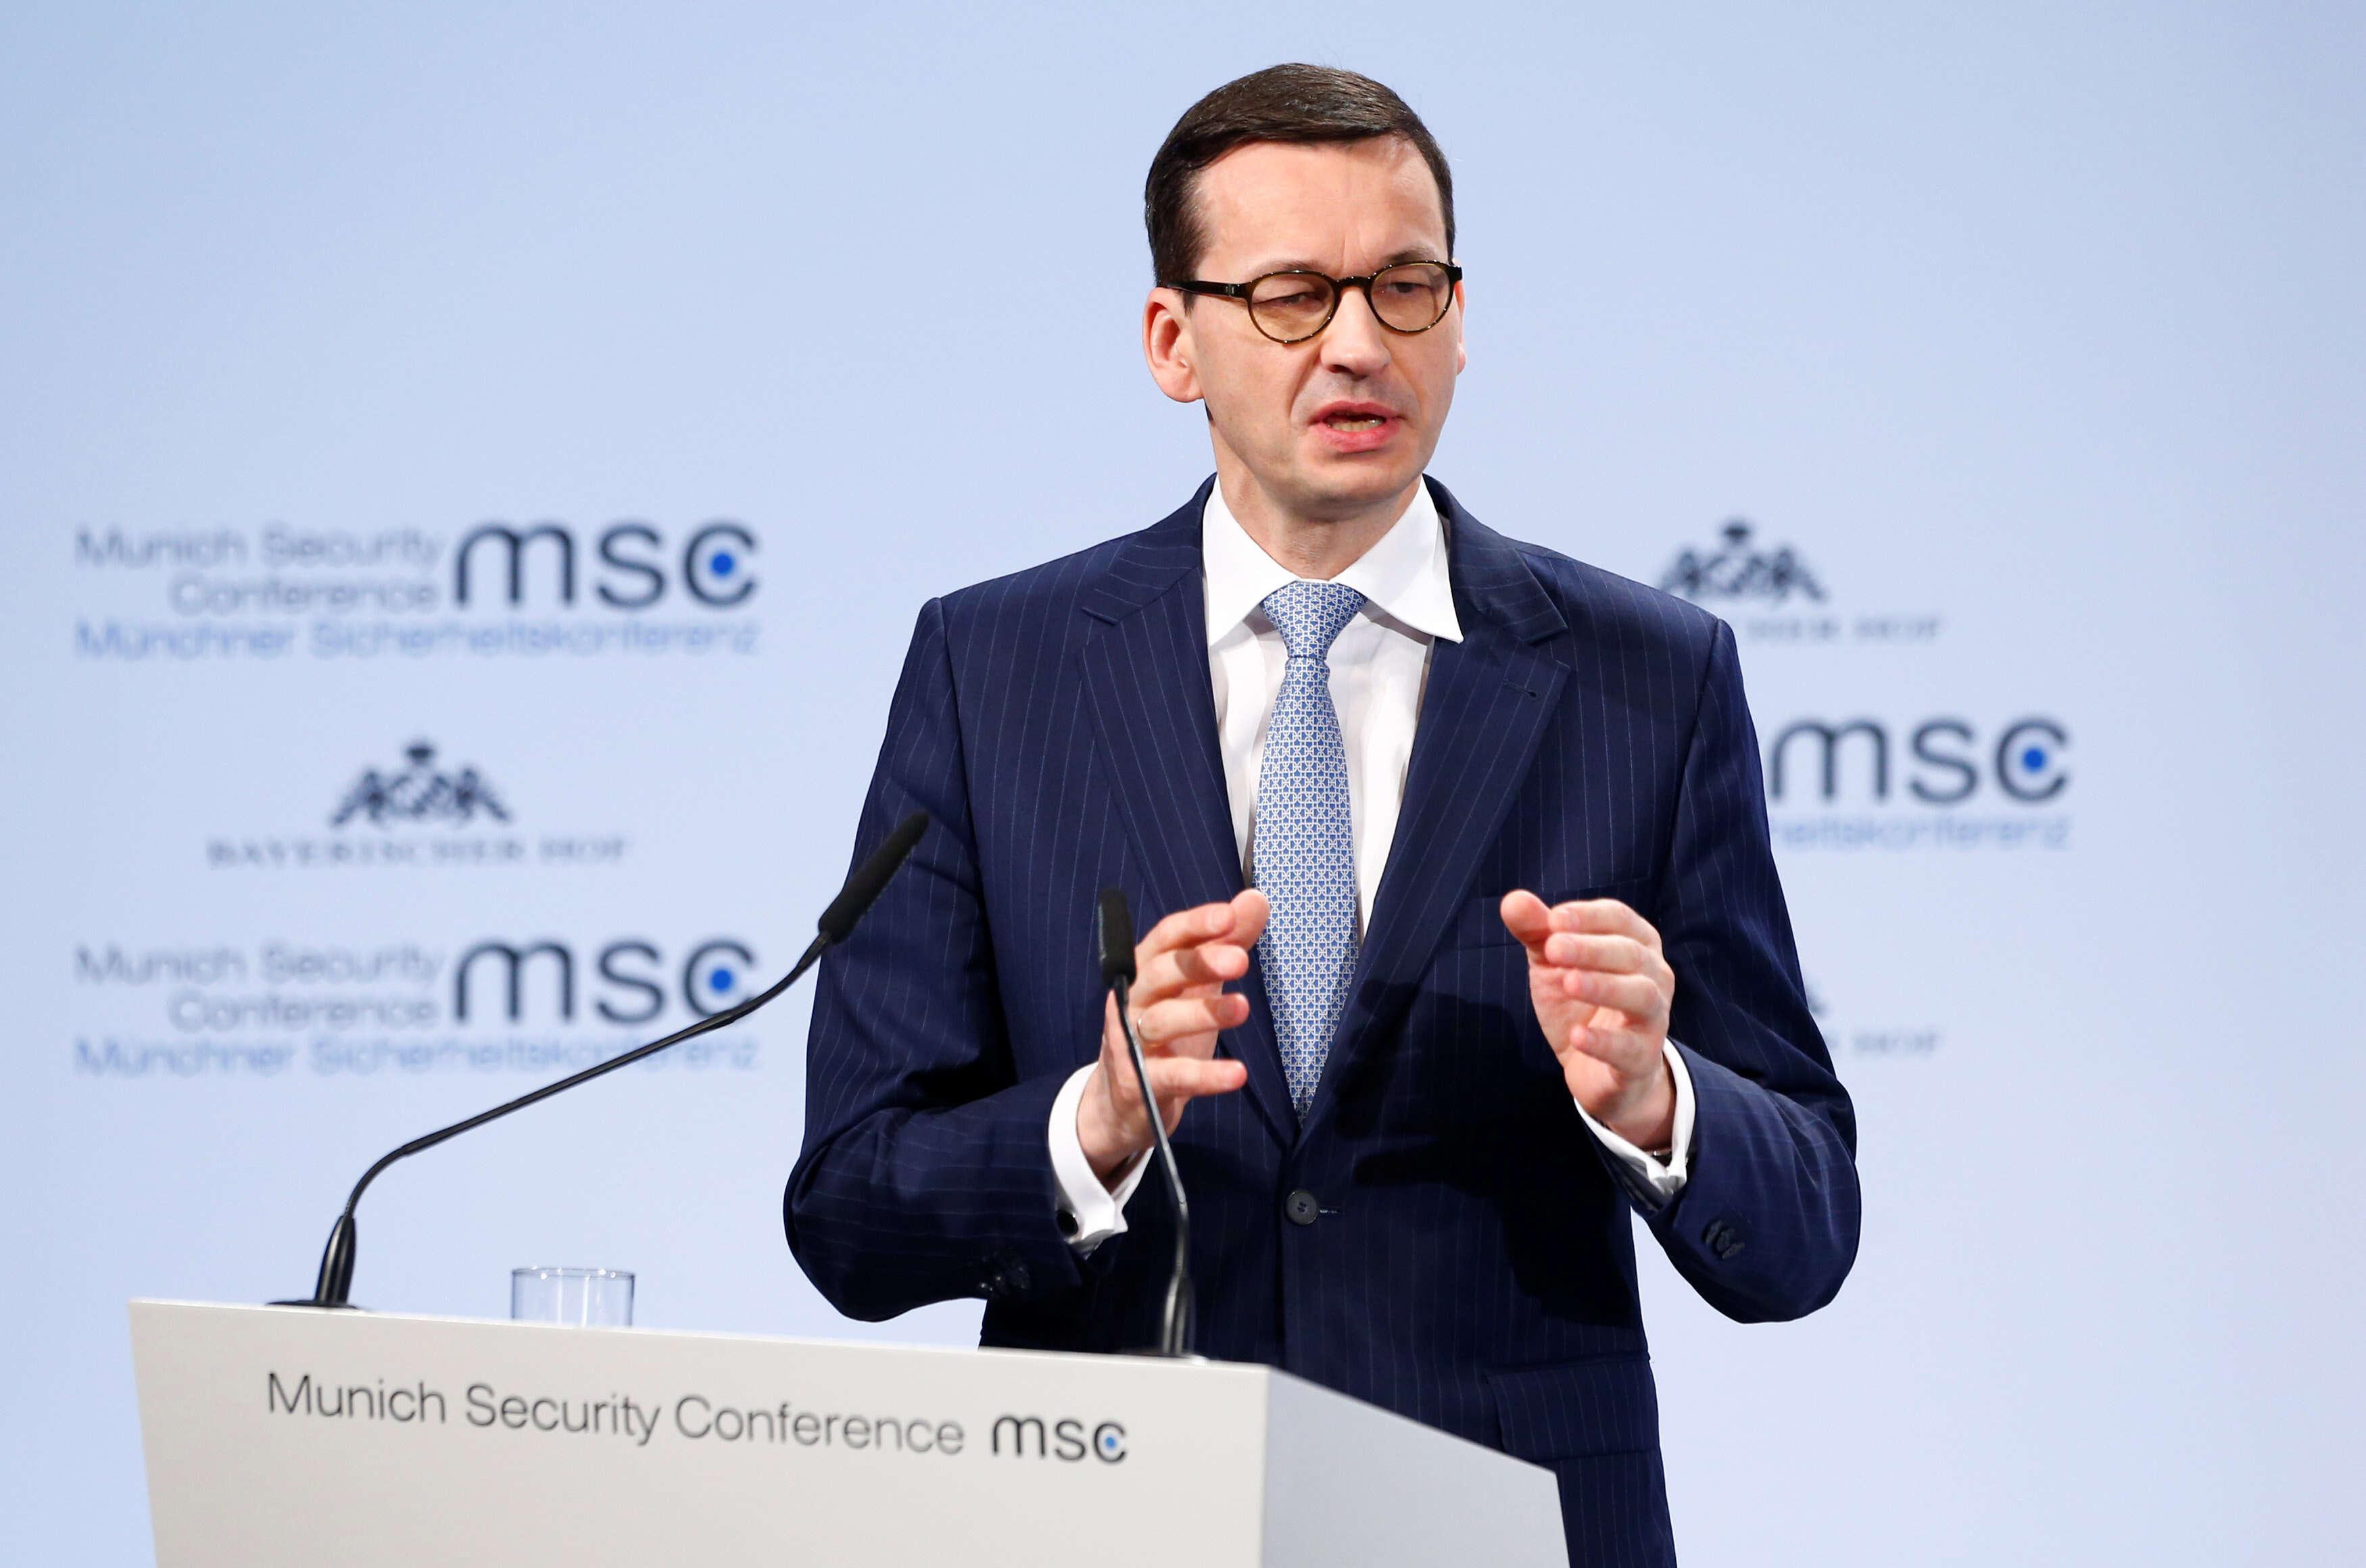 לאחר דברי נתניהו: ראש ממשלת פולין לא יגיע לפסגת וישיגראד בישראל